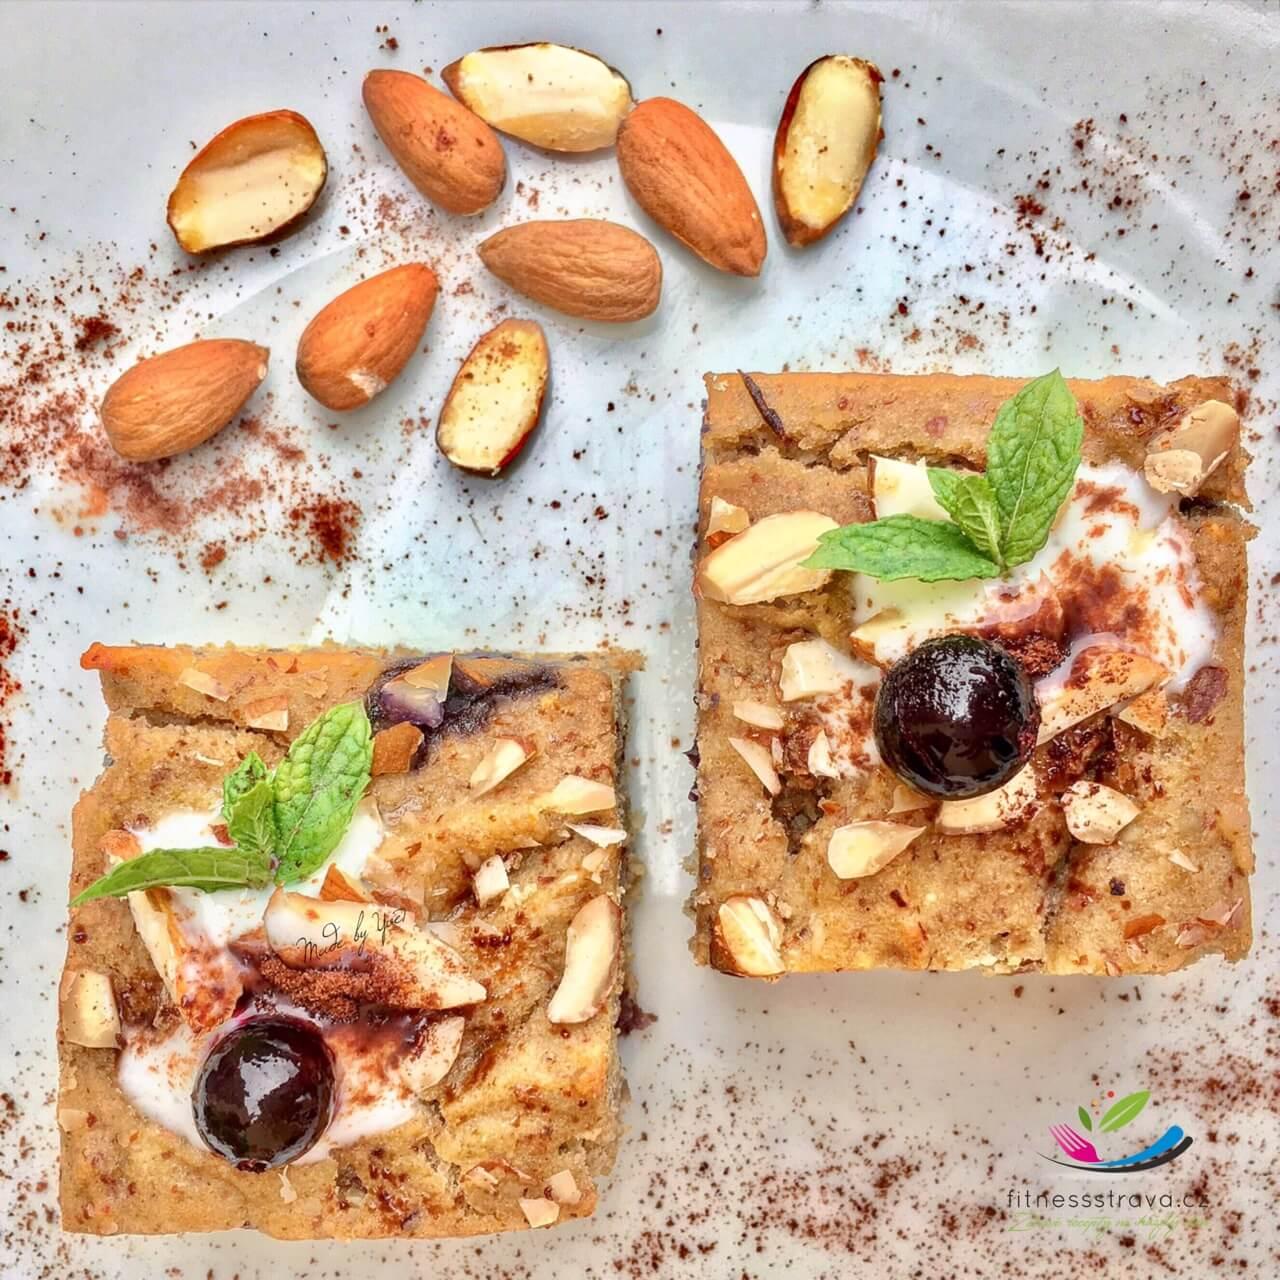 Borůvkový koláč z cizrny s mandlemi a skořicí